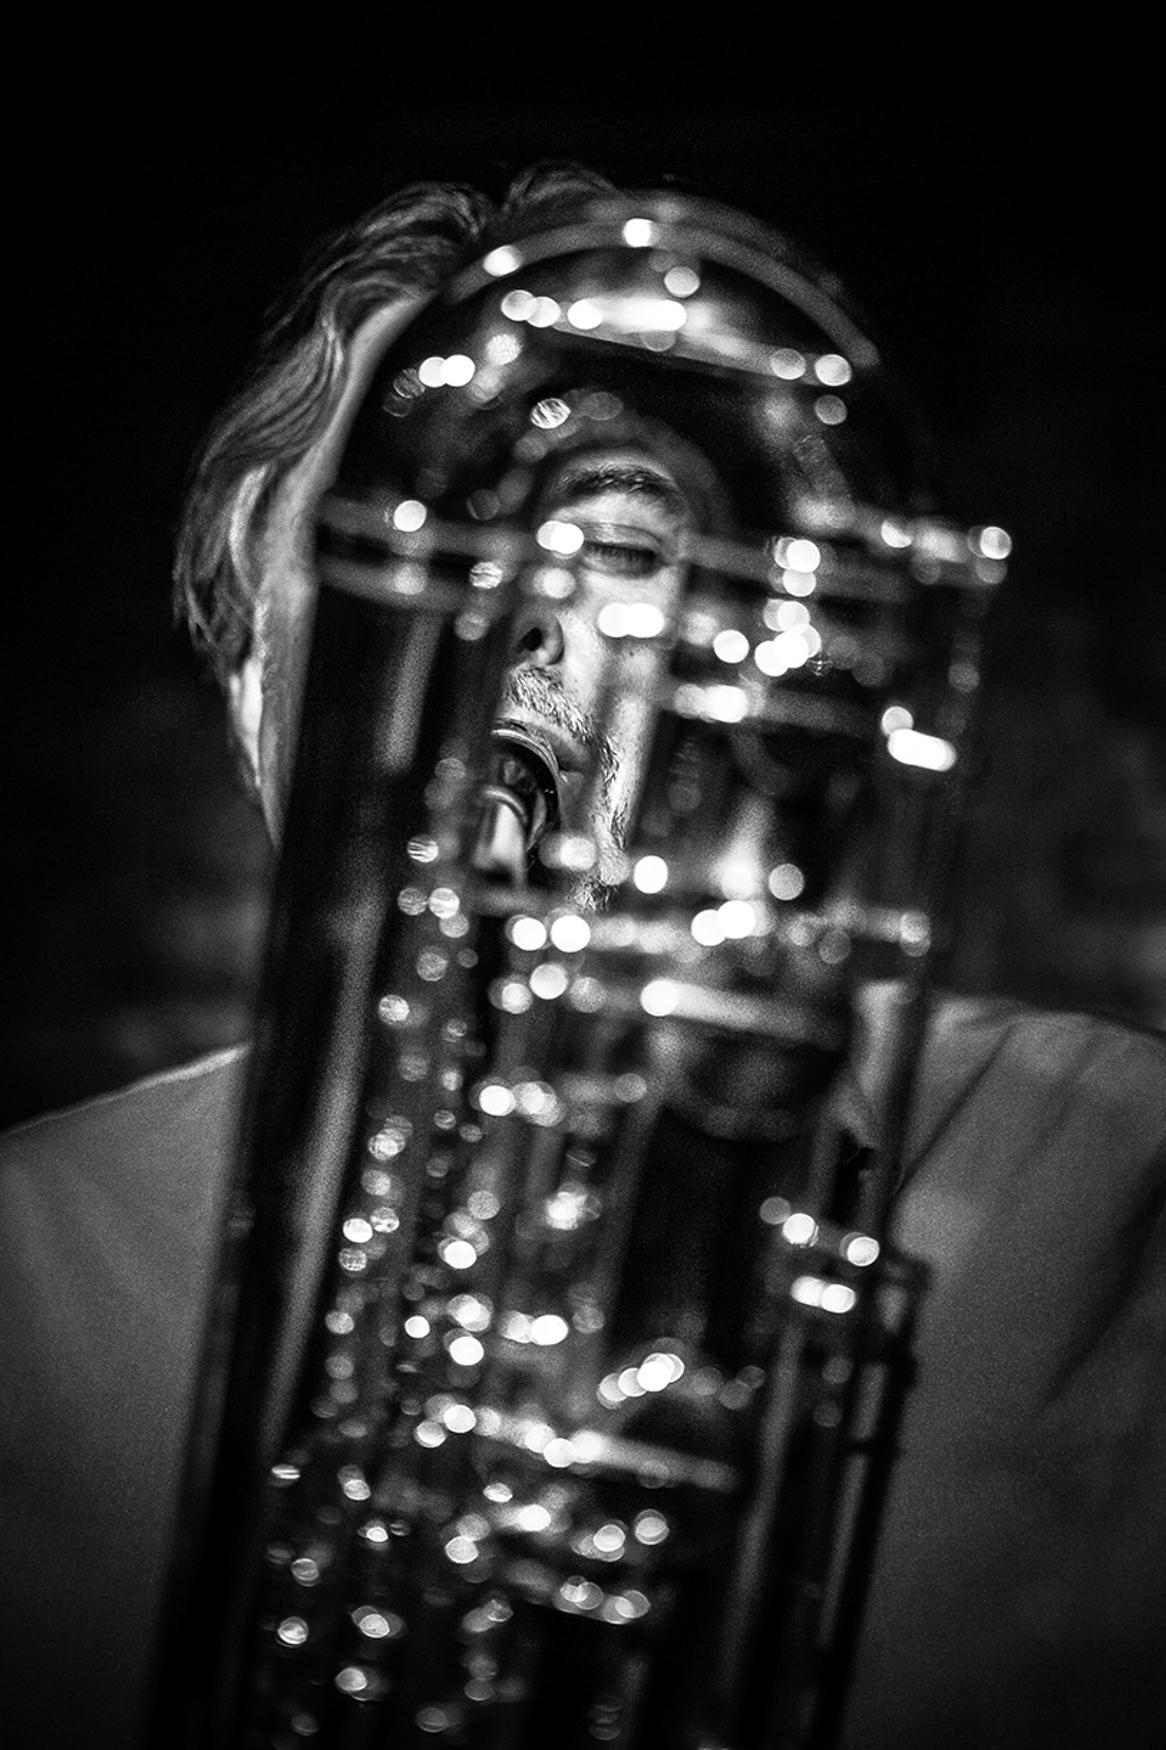 Tony Malaby, fot. Sławek Przerwa